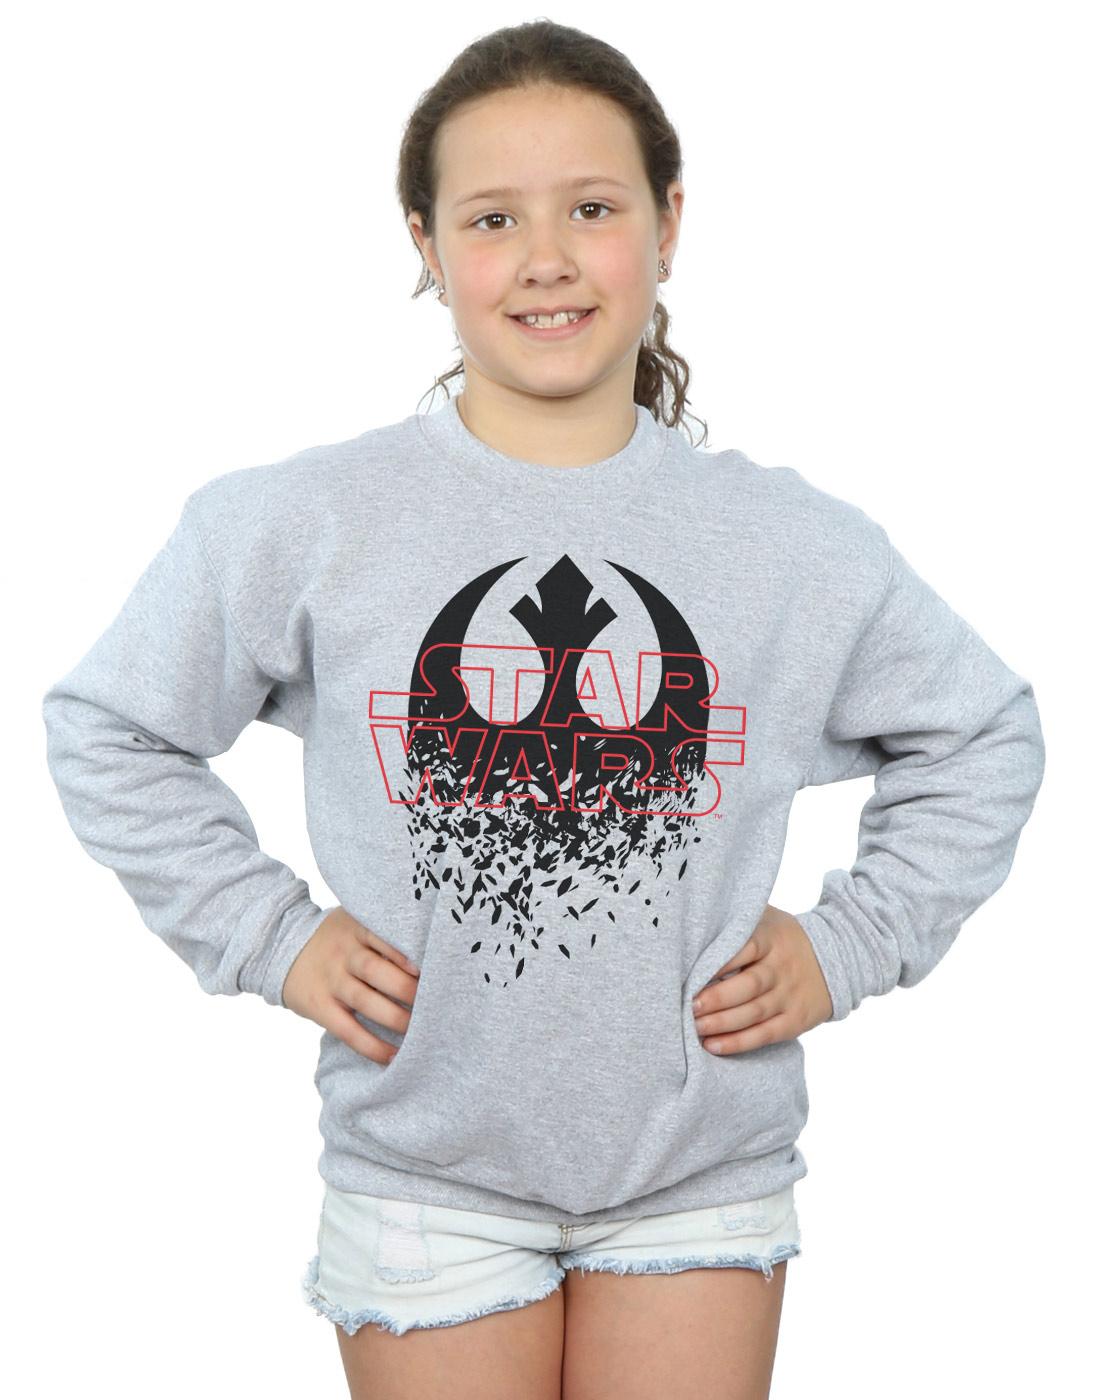 Star-Wars-Girls-The-Last-Jedi-Shattered-Emblem-Sweatshirt